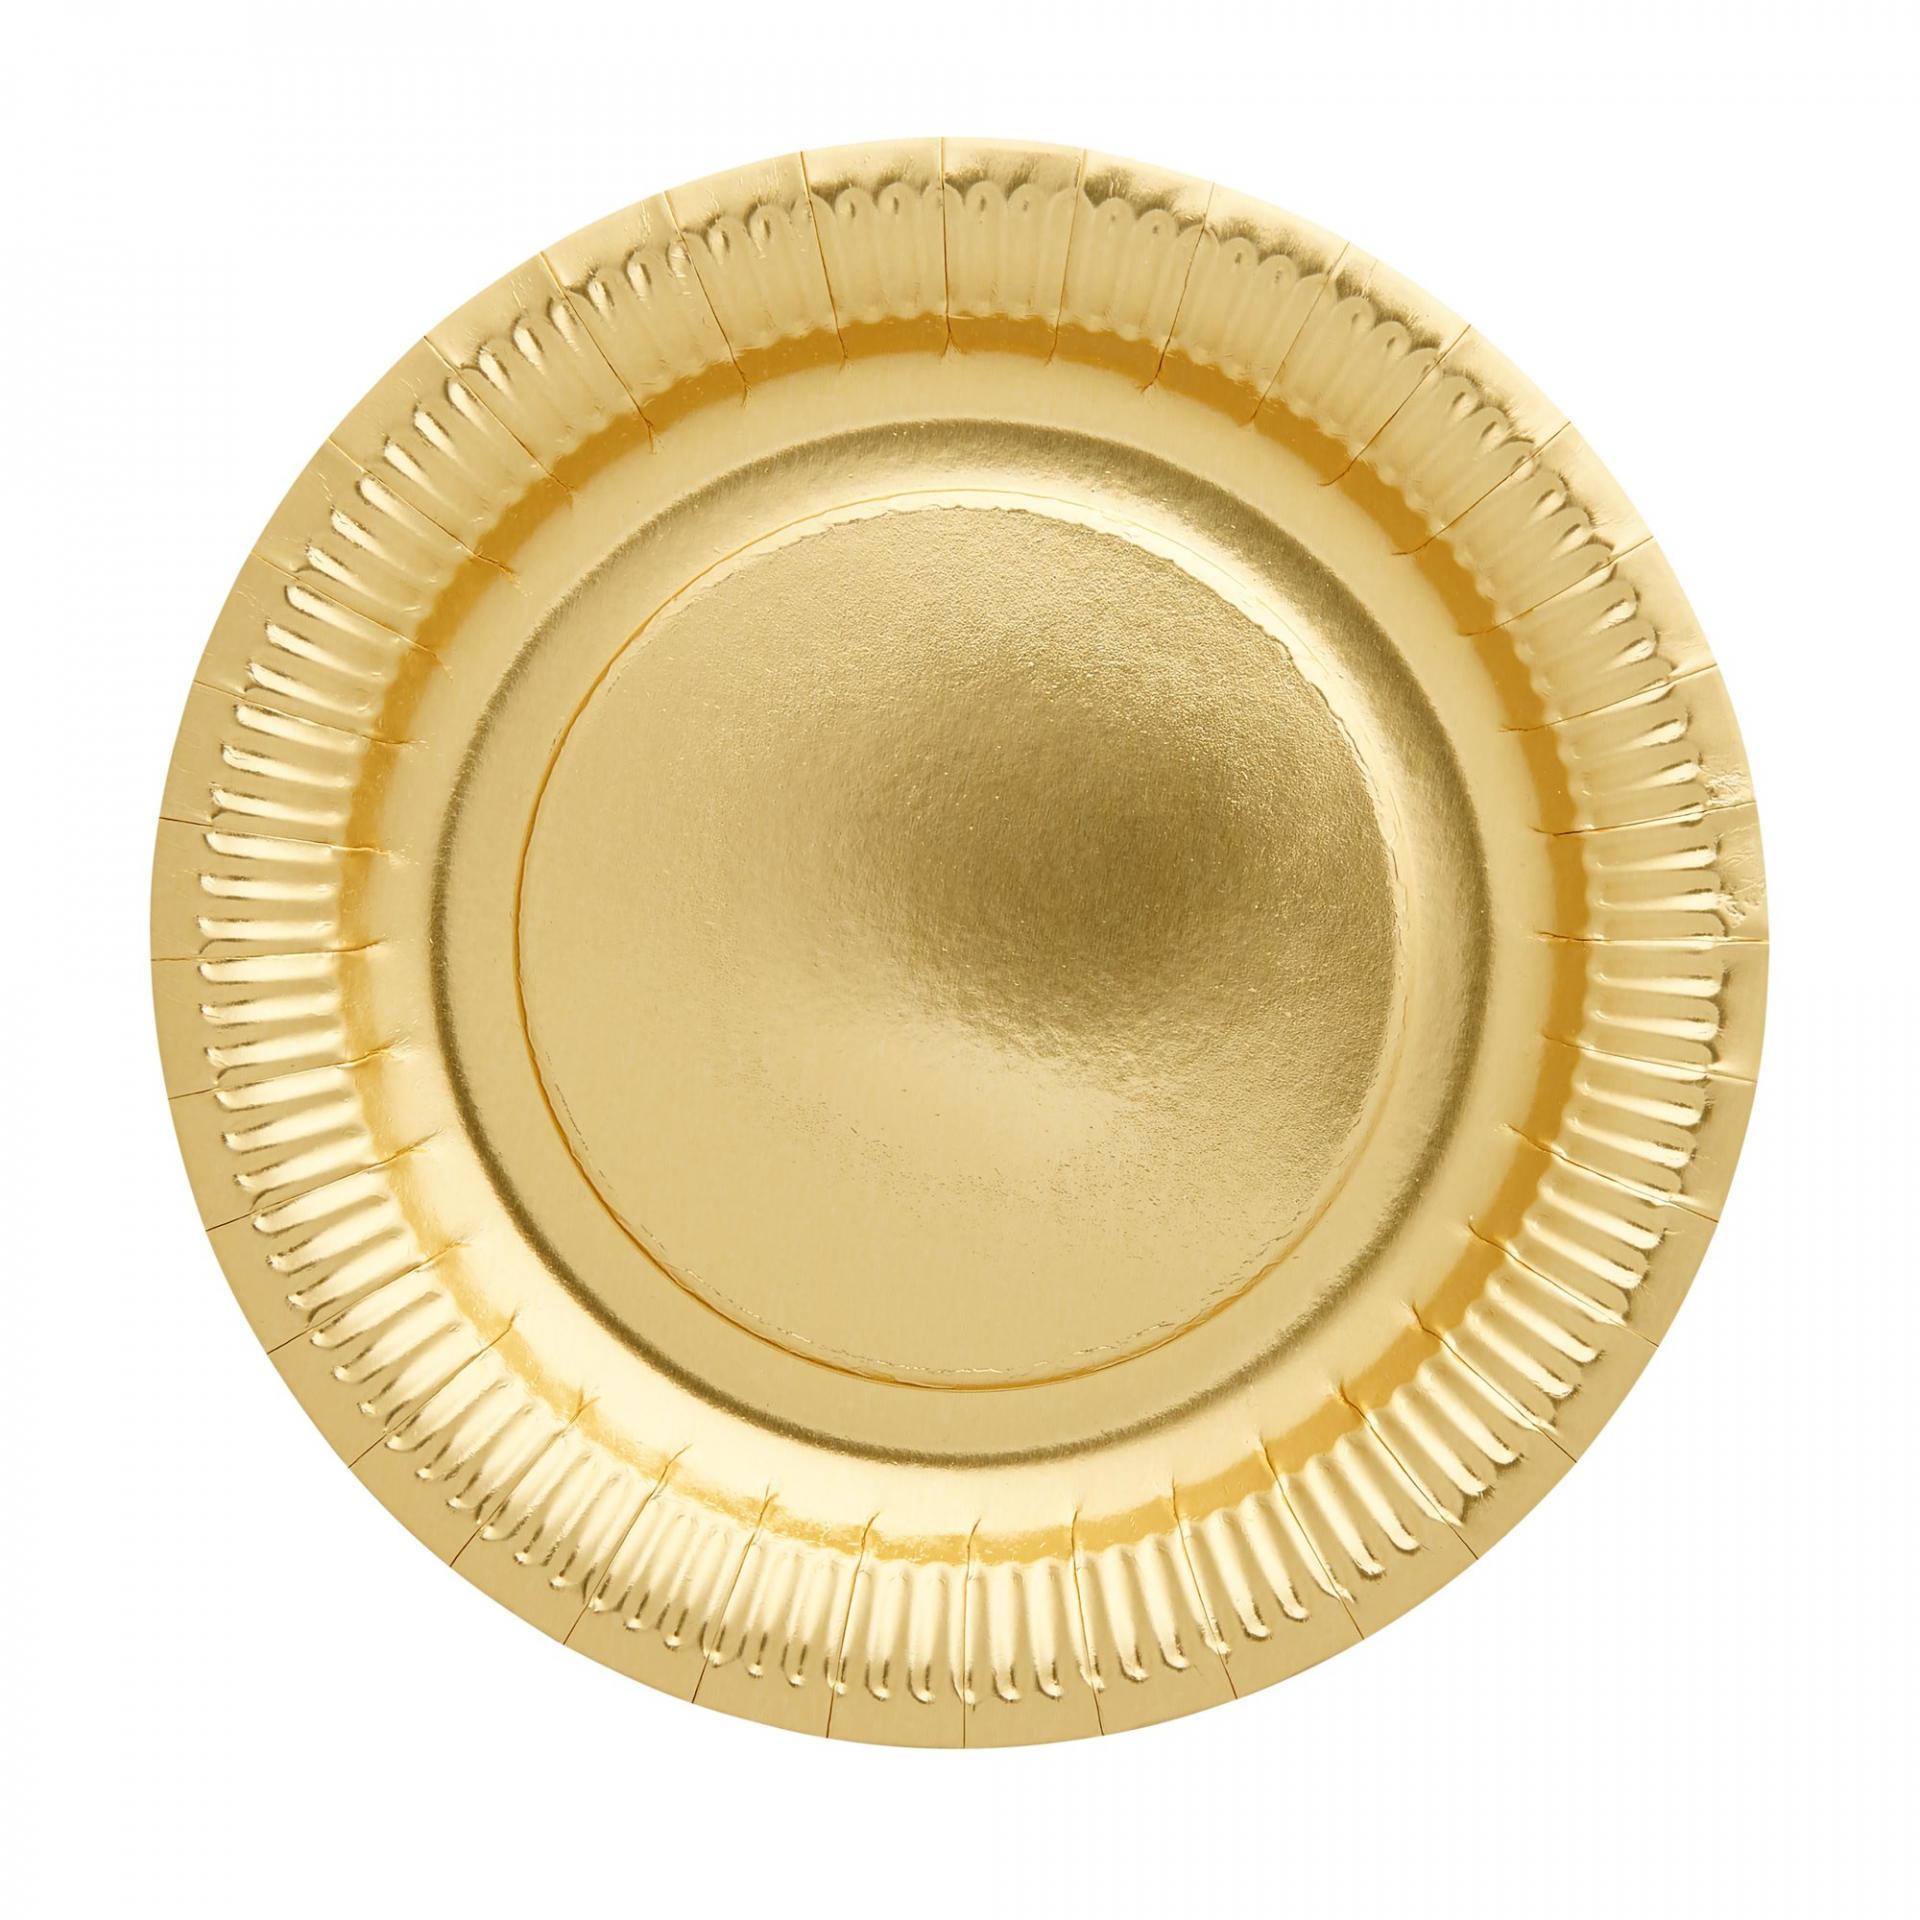 rice Papírové talířky Gold - set 8 ks, zlatá barva, papír